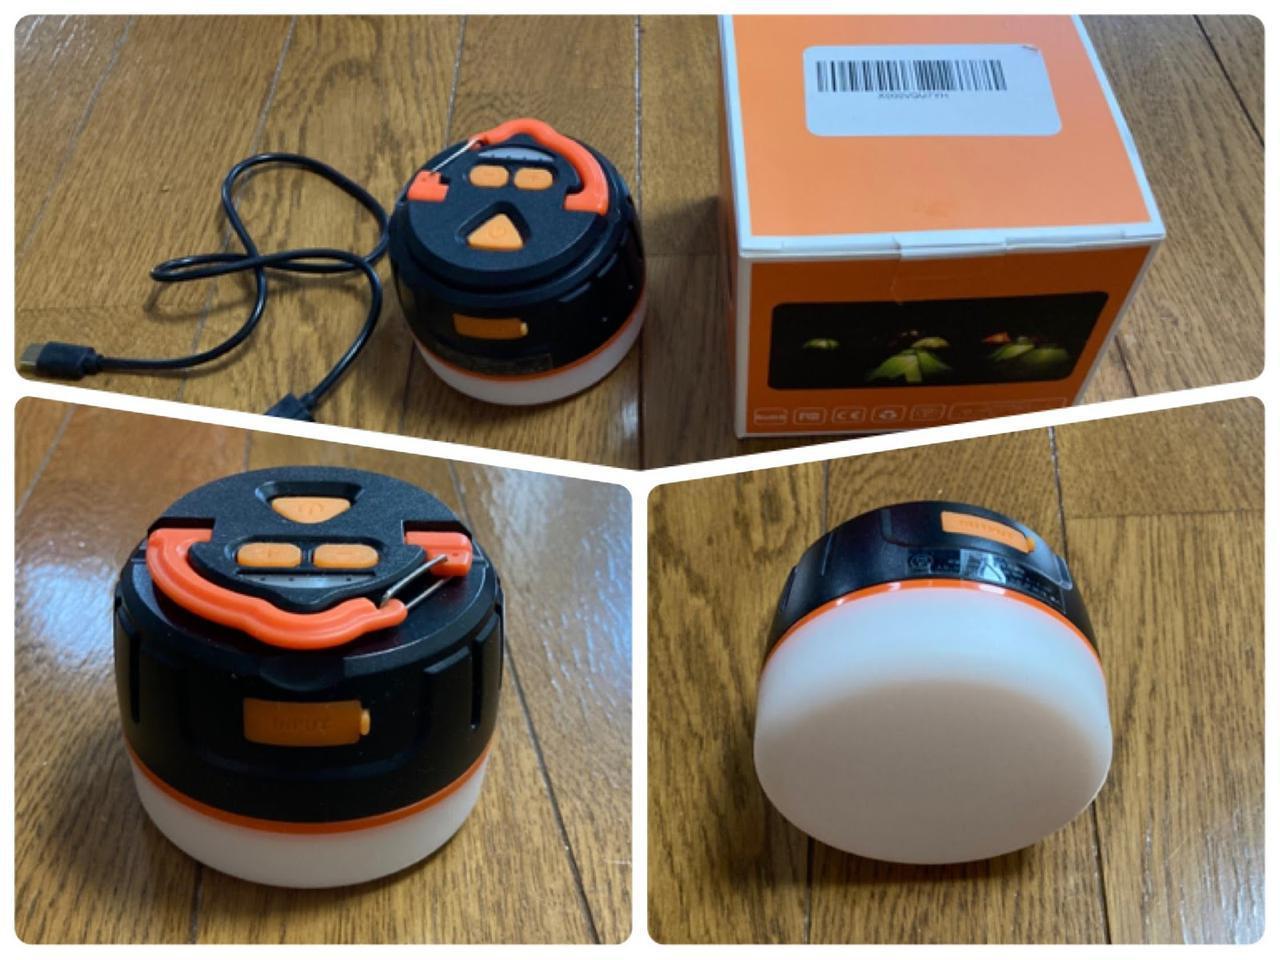 画像: 充電式「BRISIEリモコン付きLEDランタン」をレビュー! リモコン付きで寝ながら操作可能 - ハピキャン キャンプ・アウトドア情報メディア